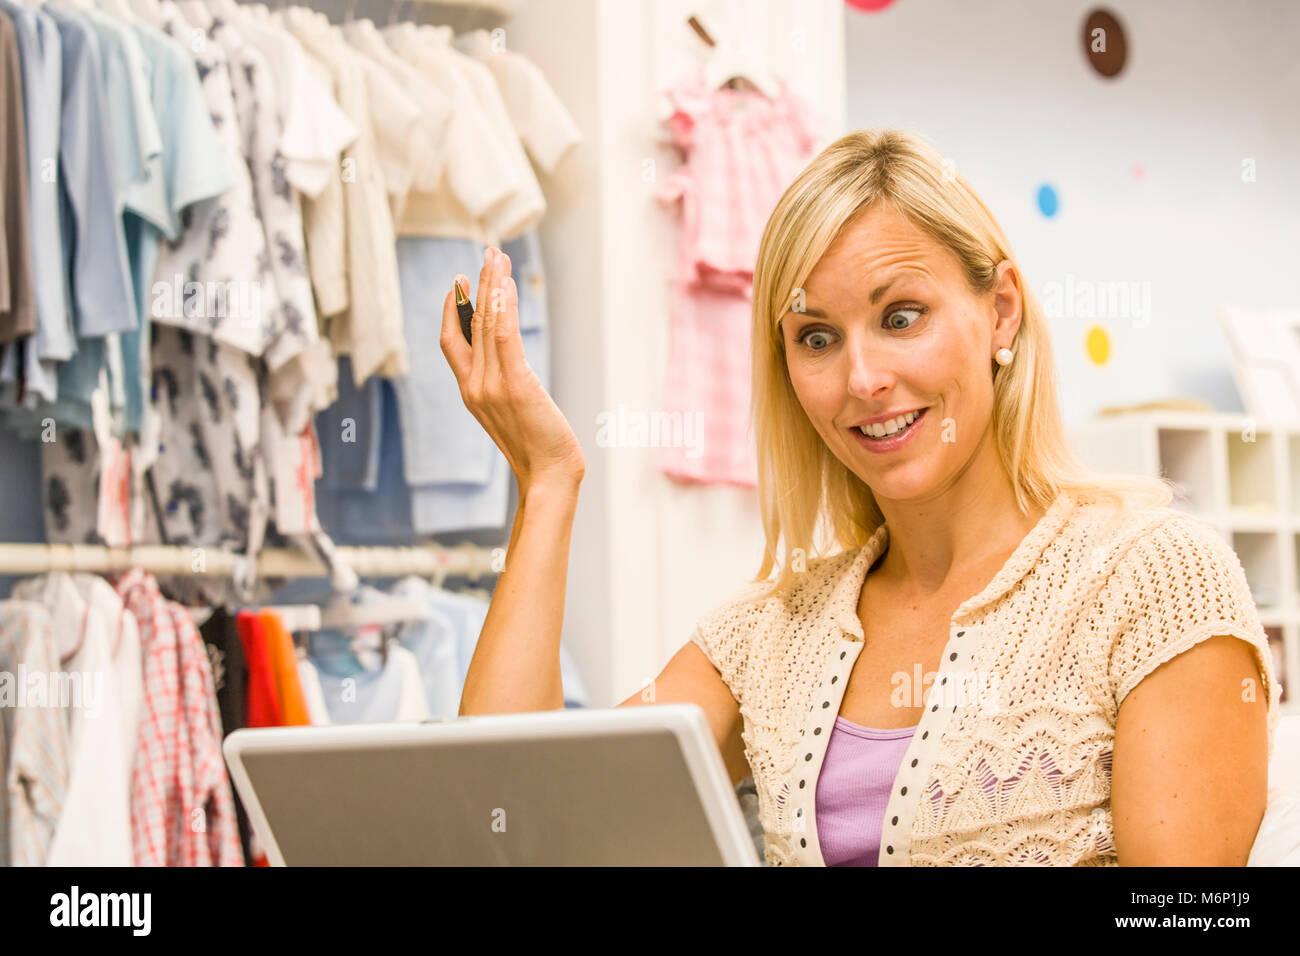 Una donna che lavora su un computer nel suo abbigliamento per bambini negozio in cerca come se avesse appena realizzato Immagini Stock